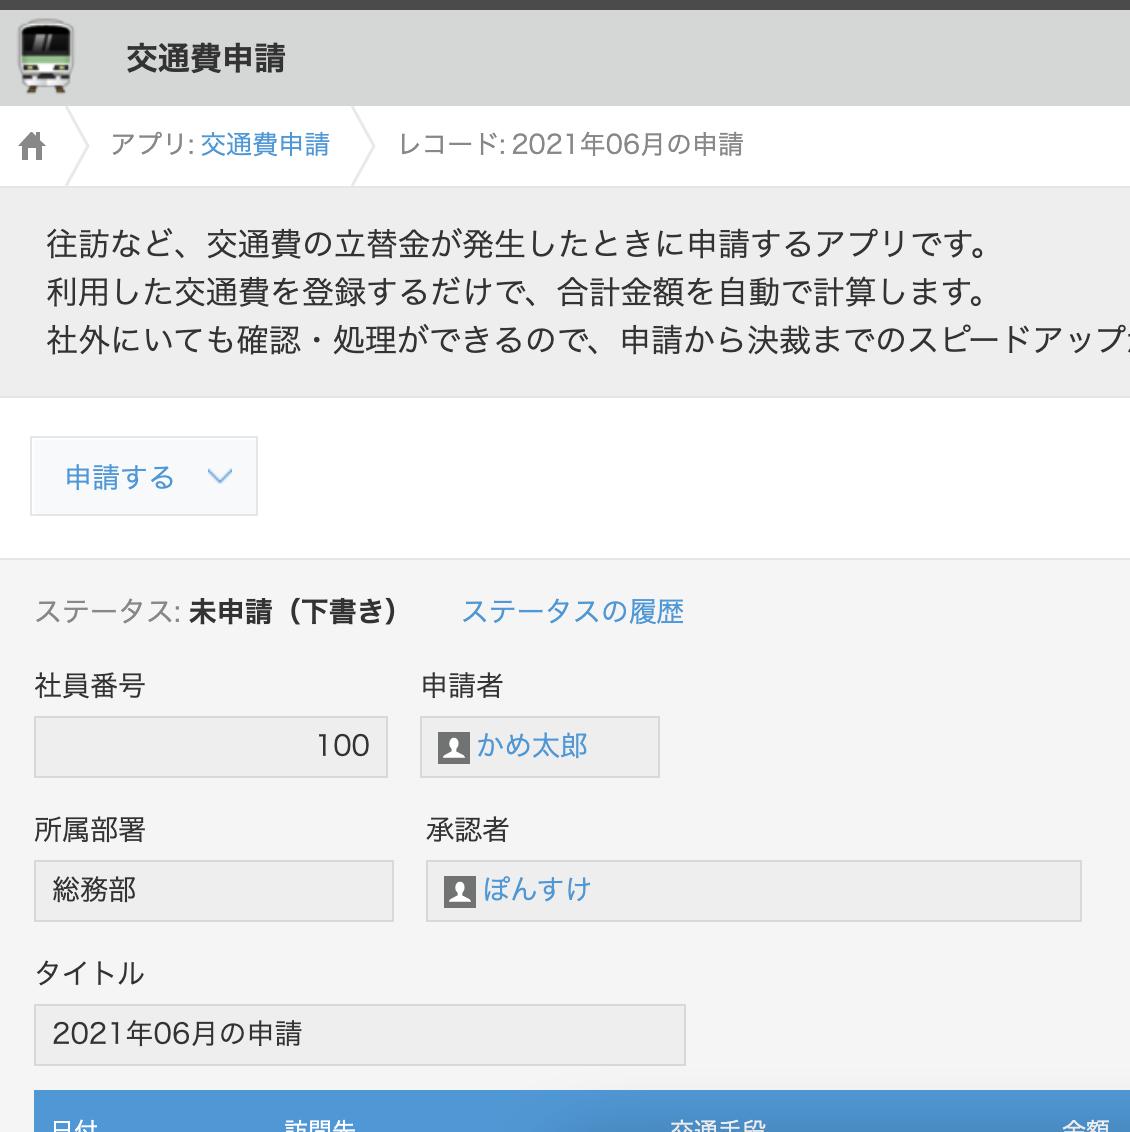 f:id:ponsuke_tarou:20210618211104p:plain